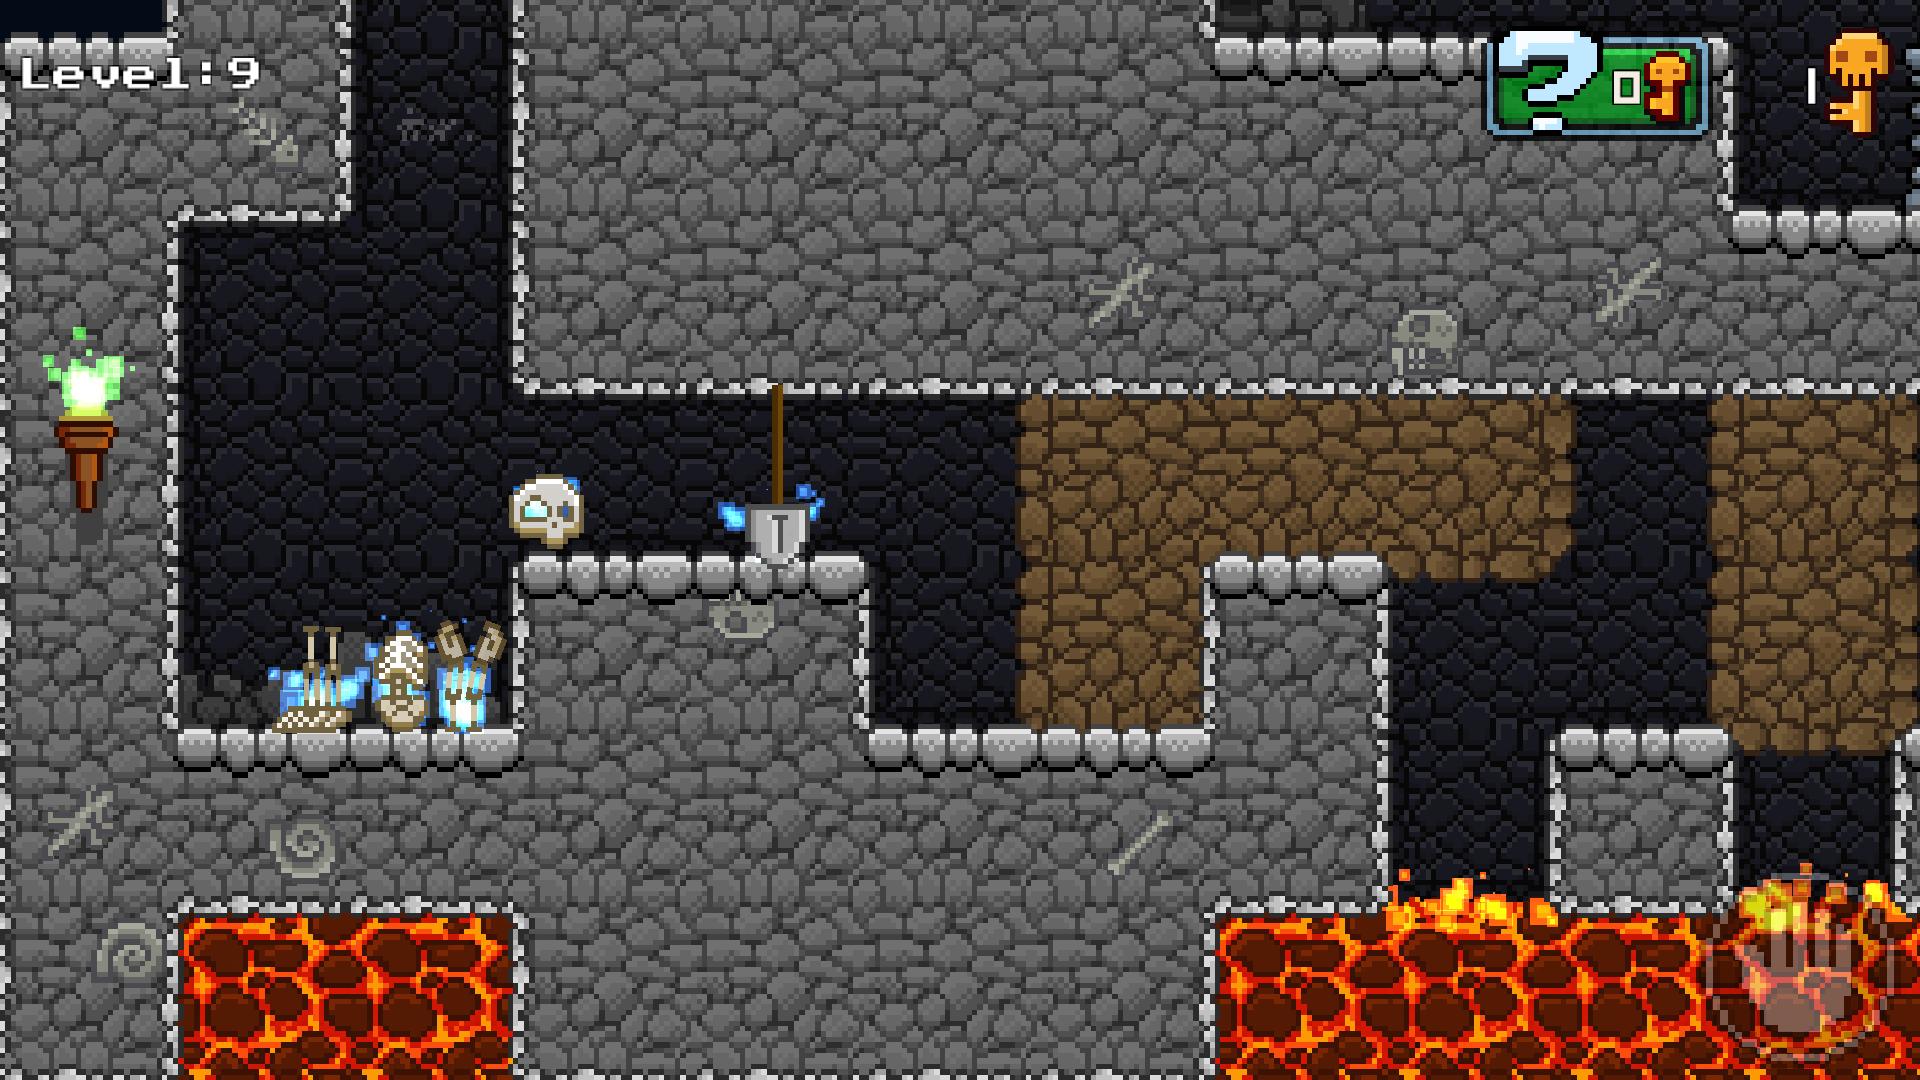 Собирая кости: в Steam вышел интересный харкдор-плафтормер Just Bones . - Изображение 2